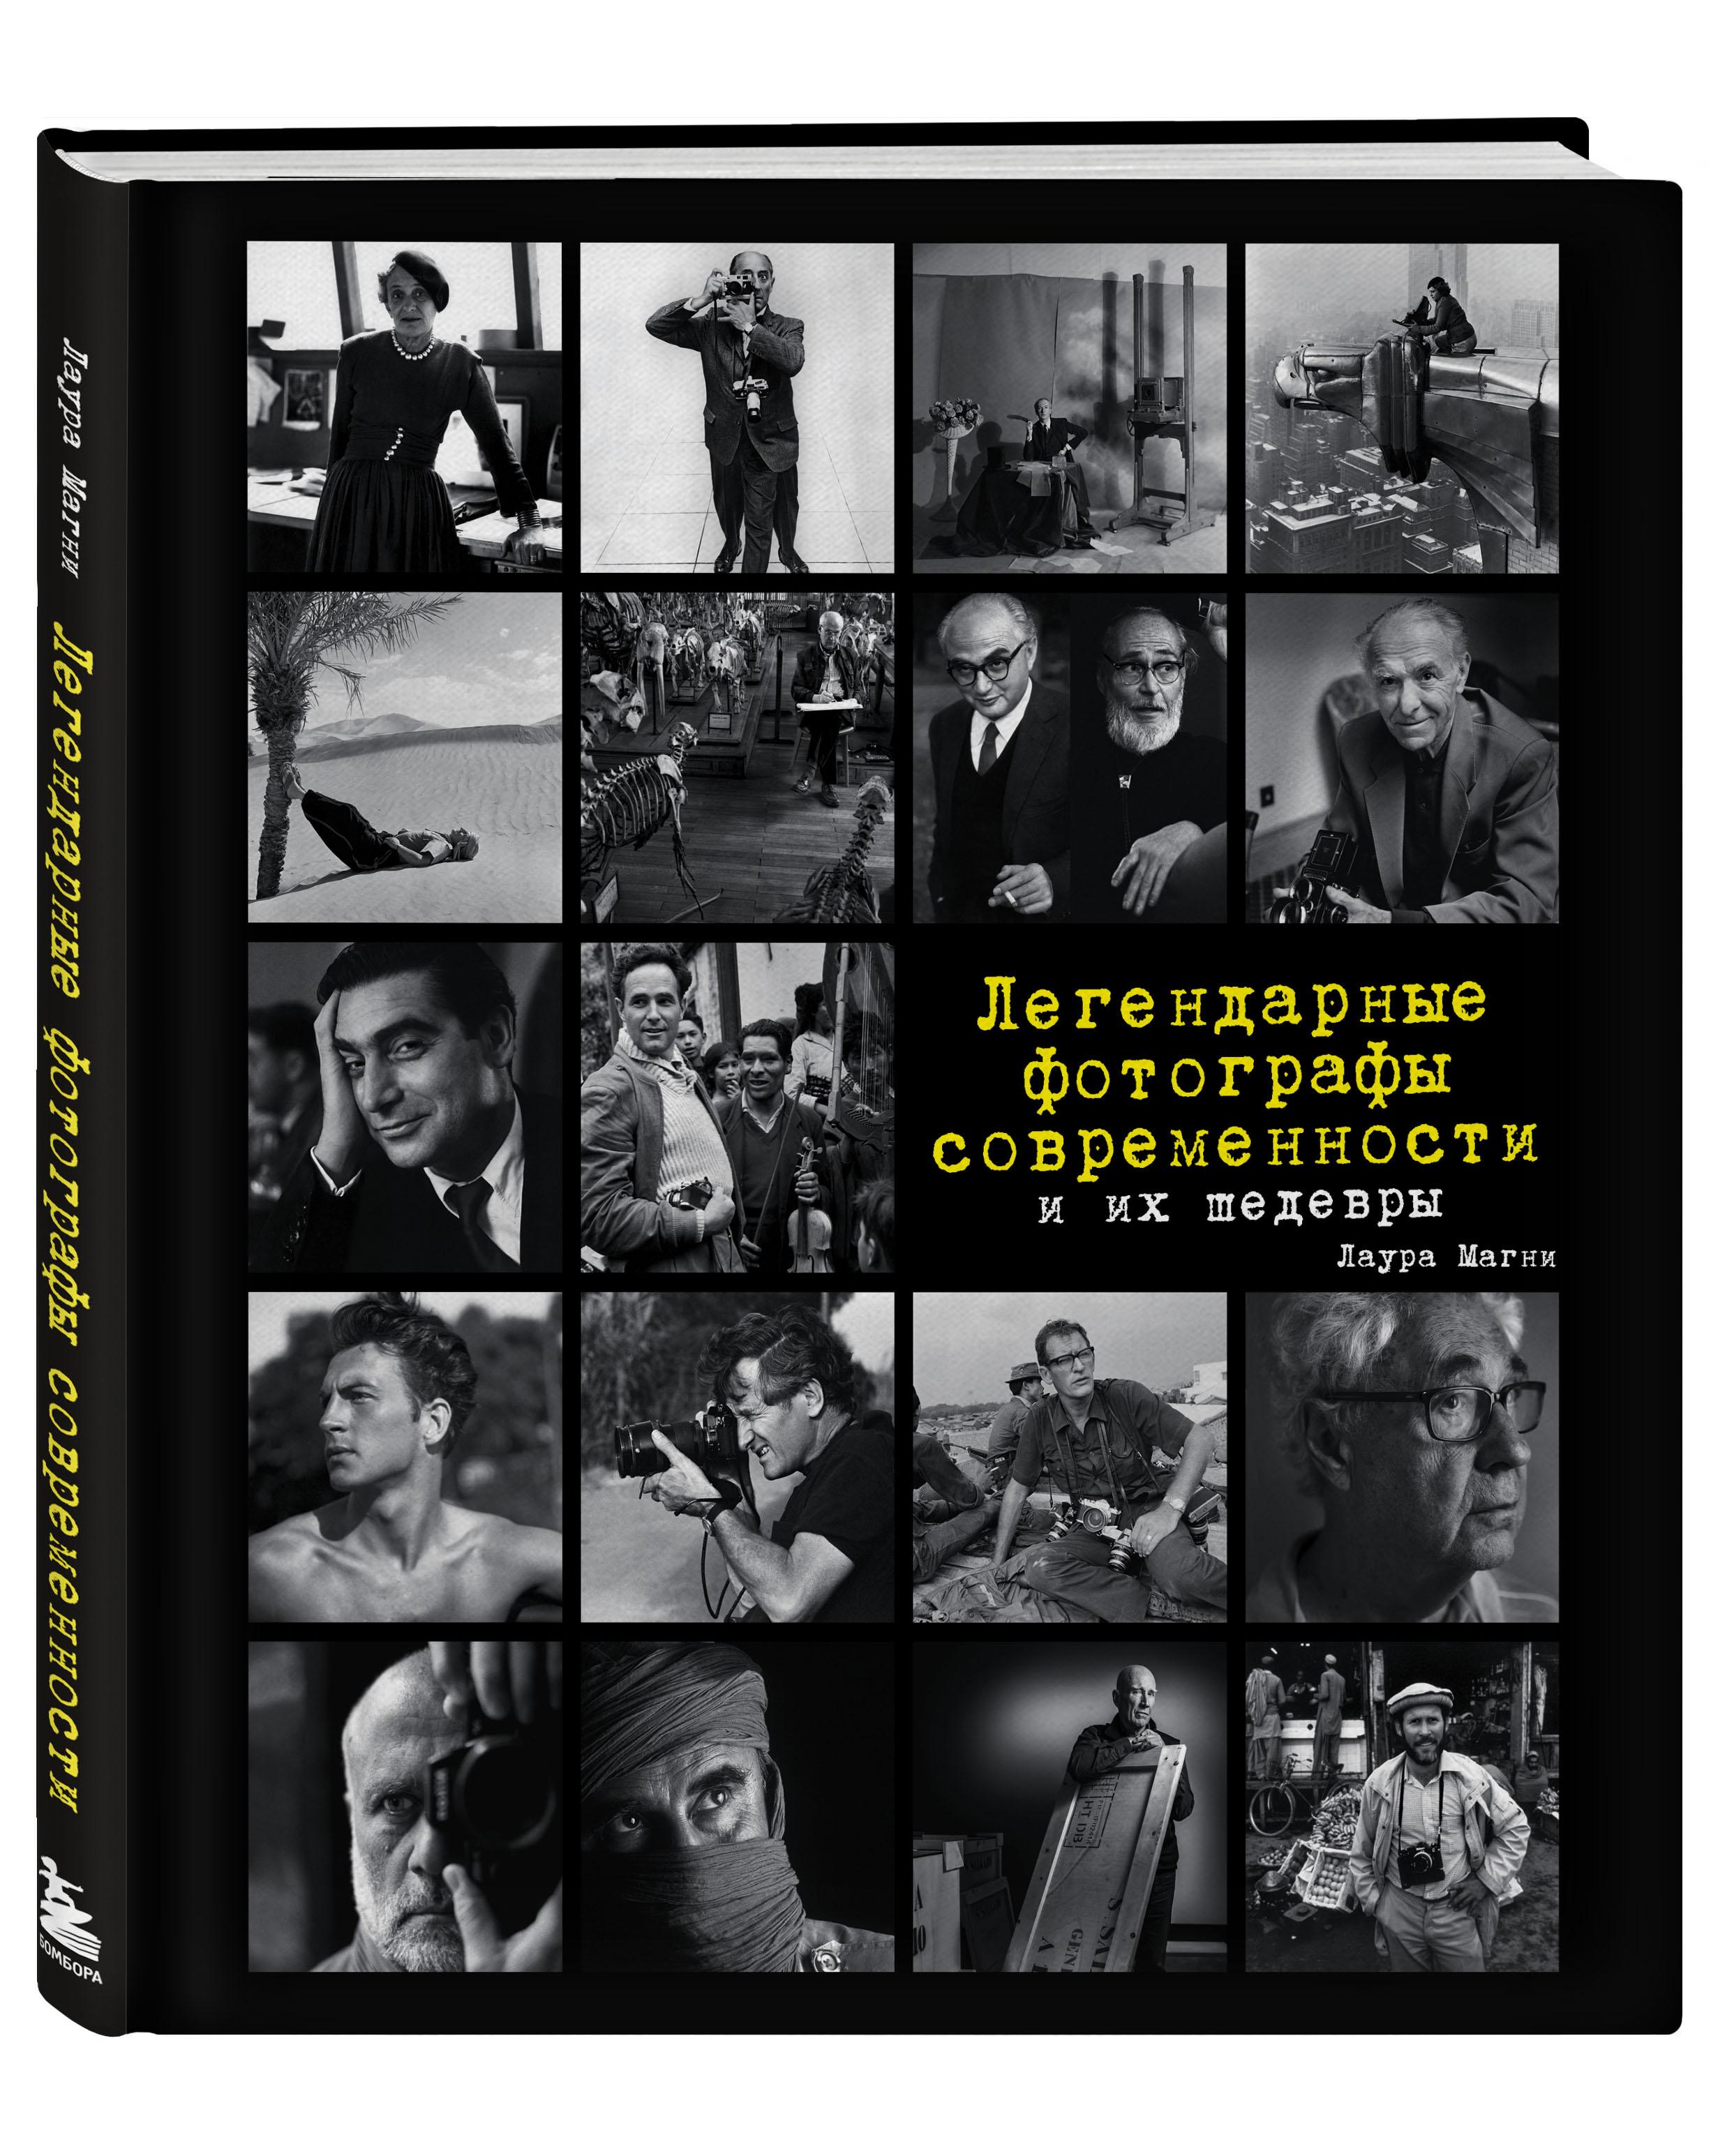 Фото - Магни Лаура Легендарные фотографы современности и их шедевры виктор ерофеев кто любит сильнее мужчины или женщины